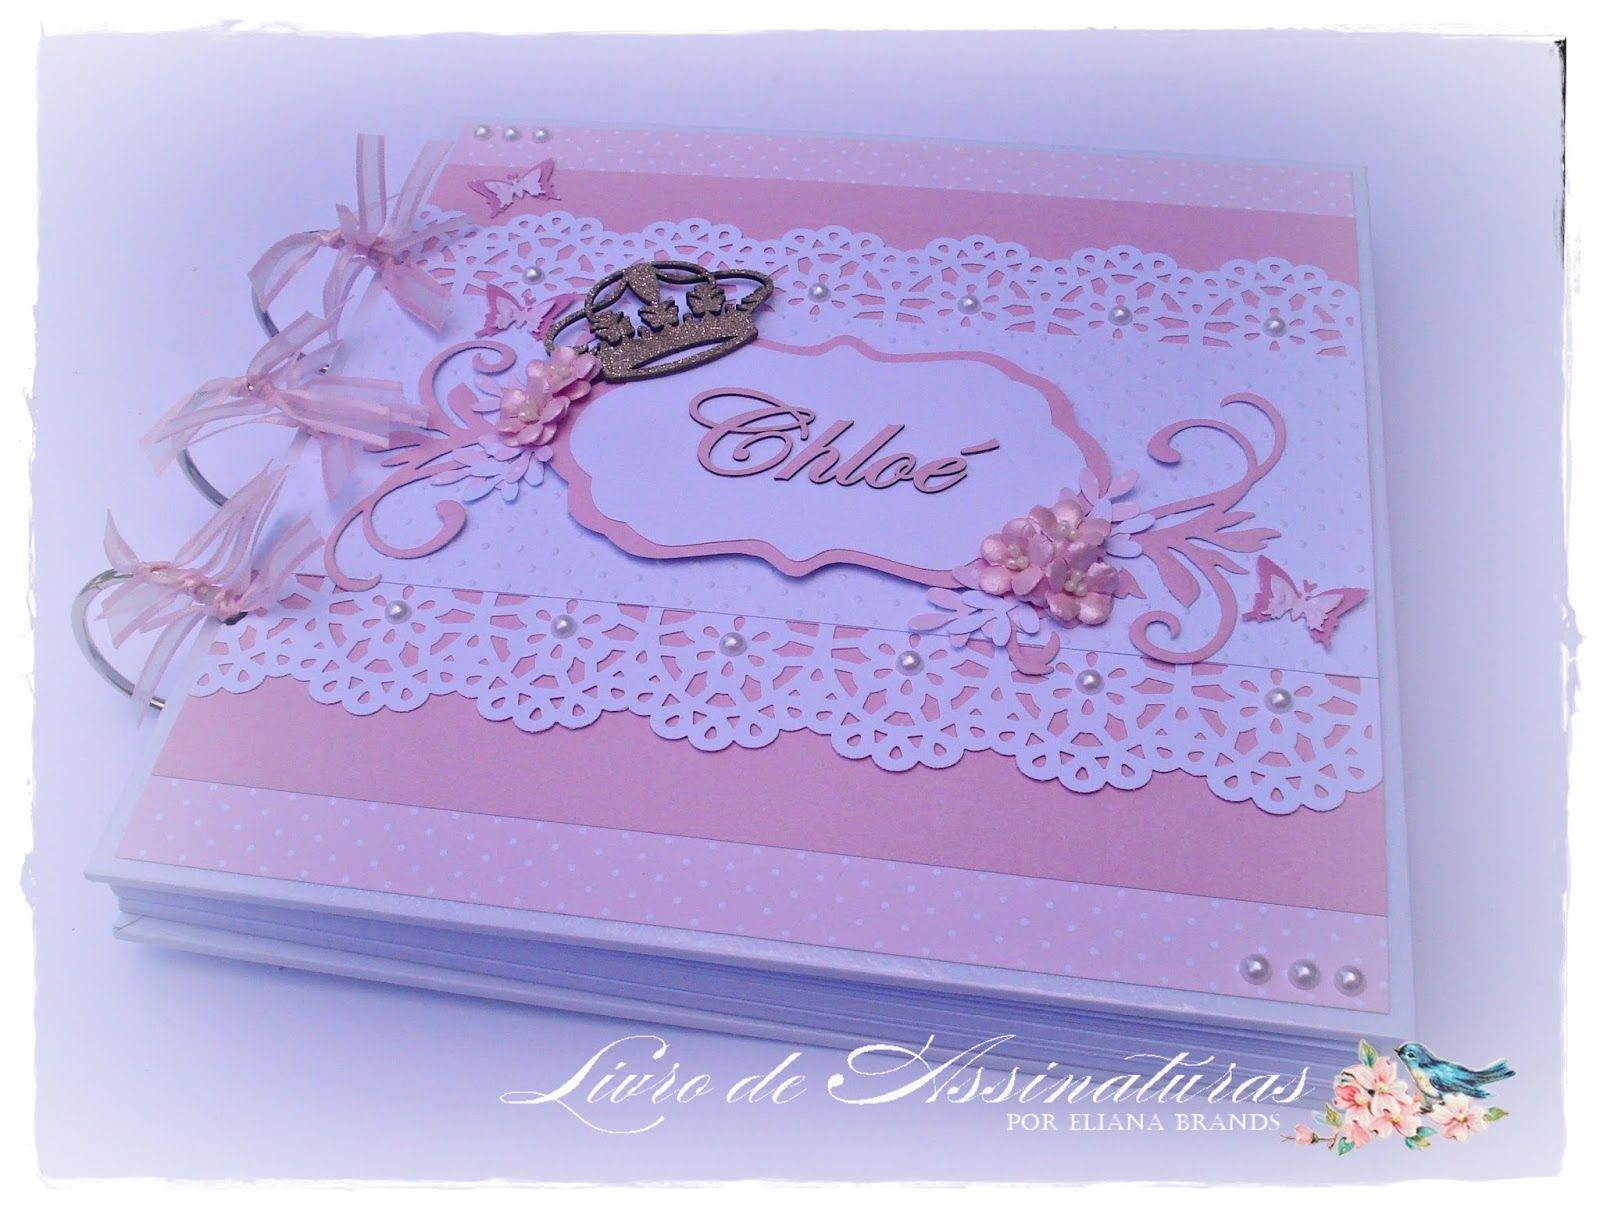 Livro de assinaturas por Eliana Brands: Livro de assinaturas e mensagens de maternidade - Tema coroa e flores